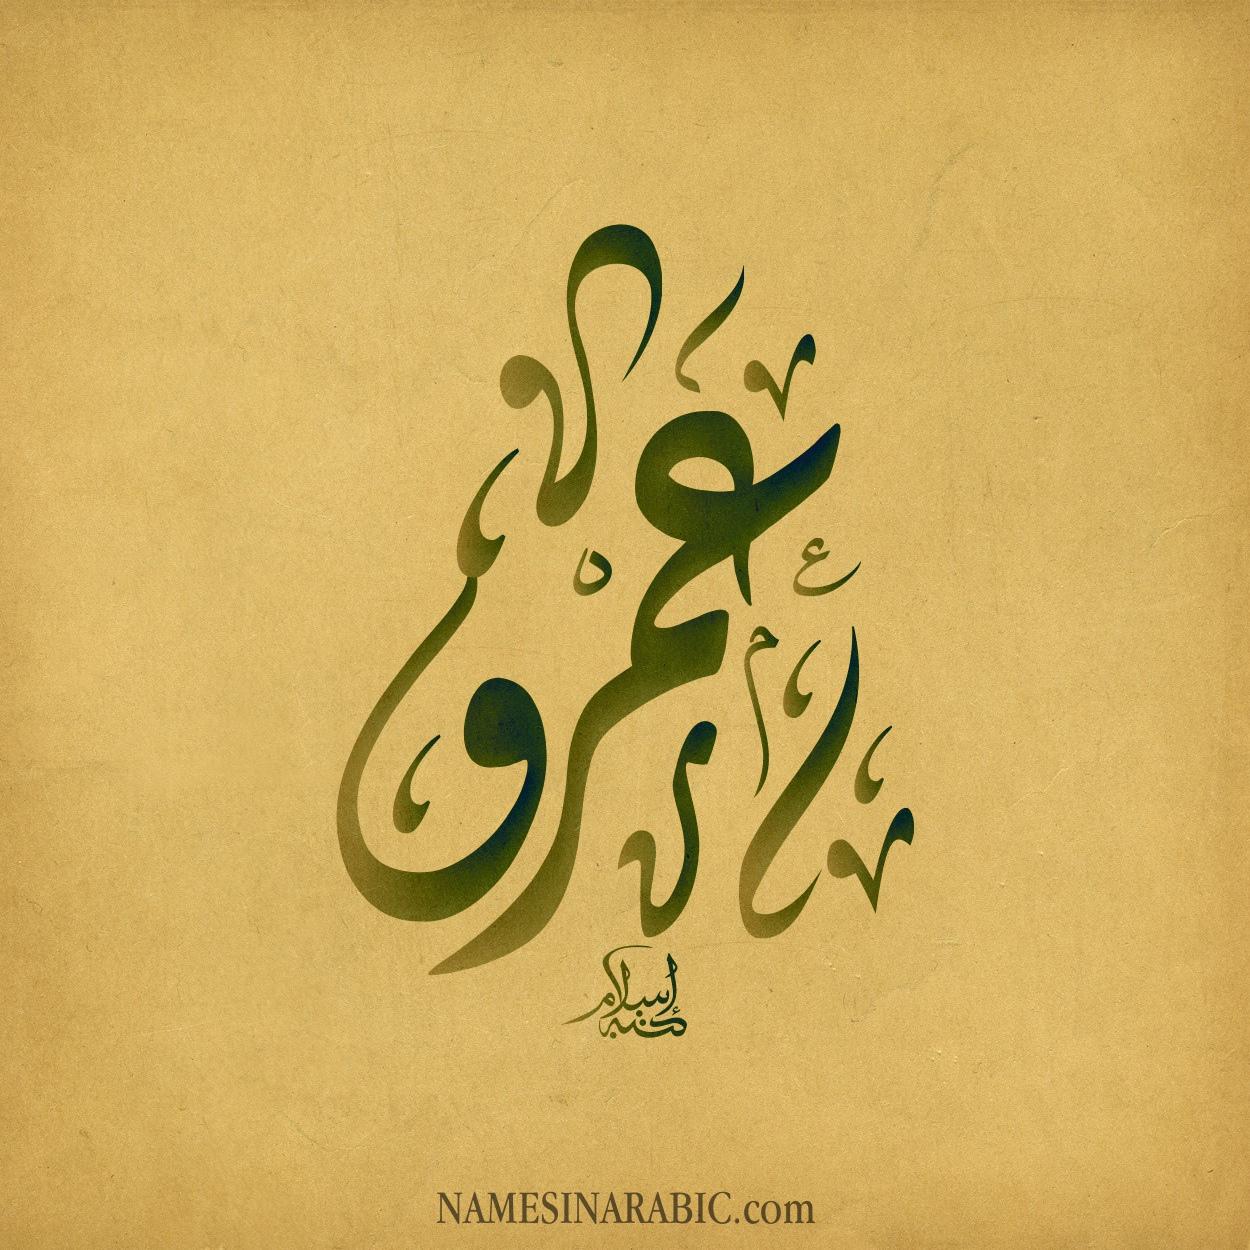 صور معنى اسم عمرو , اسم لا يحملة الا العظماء